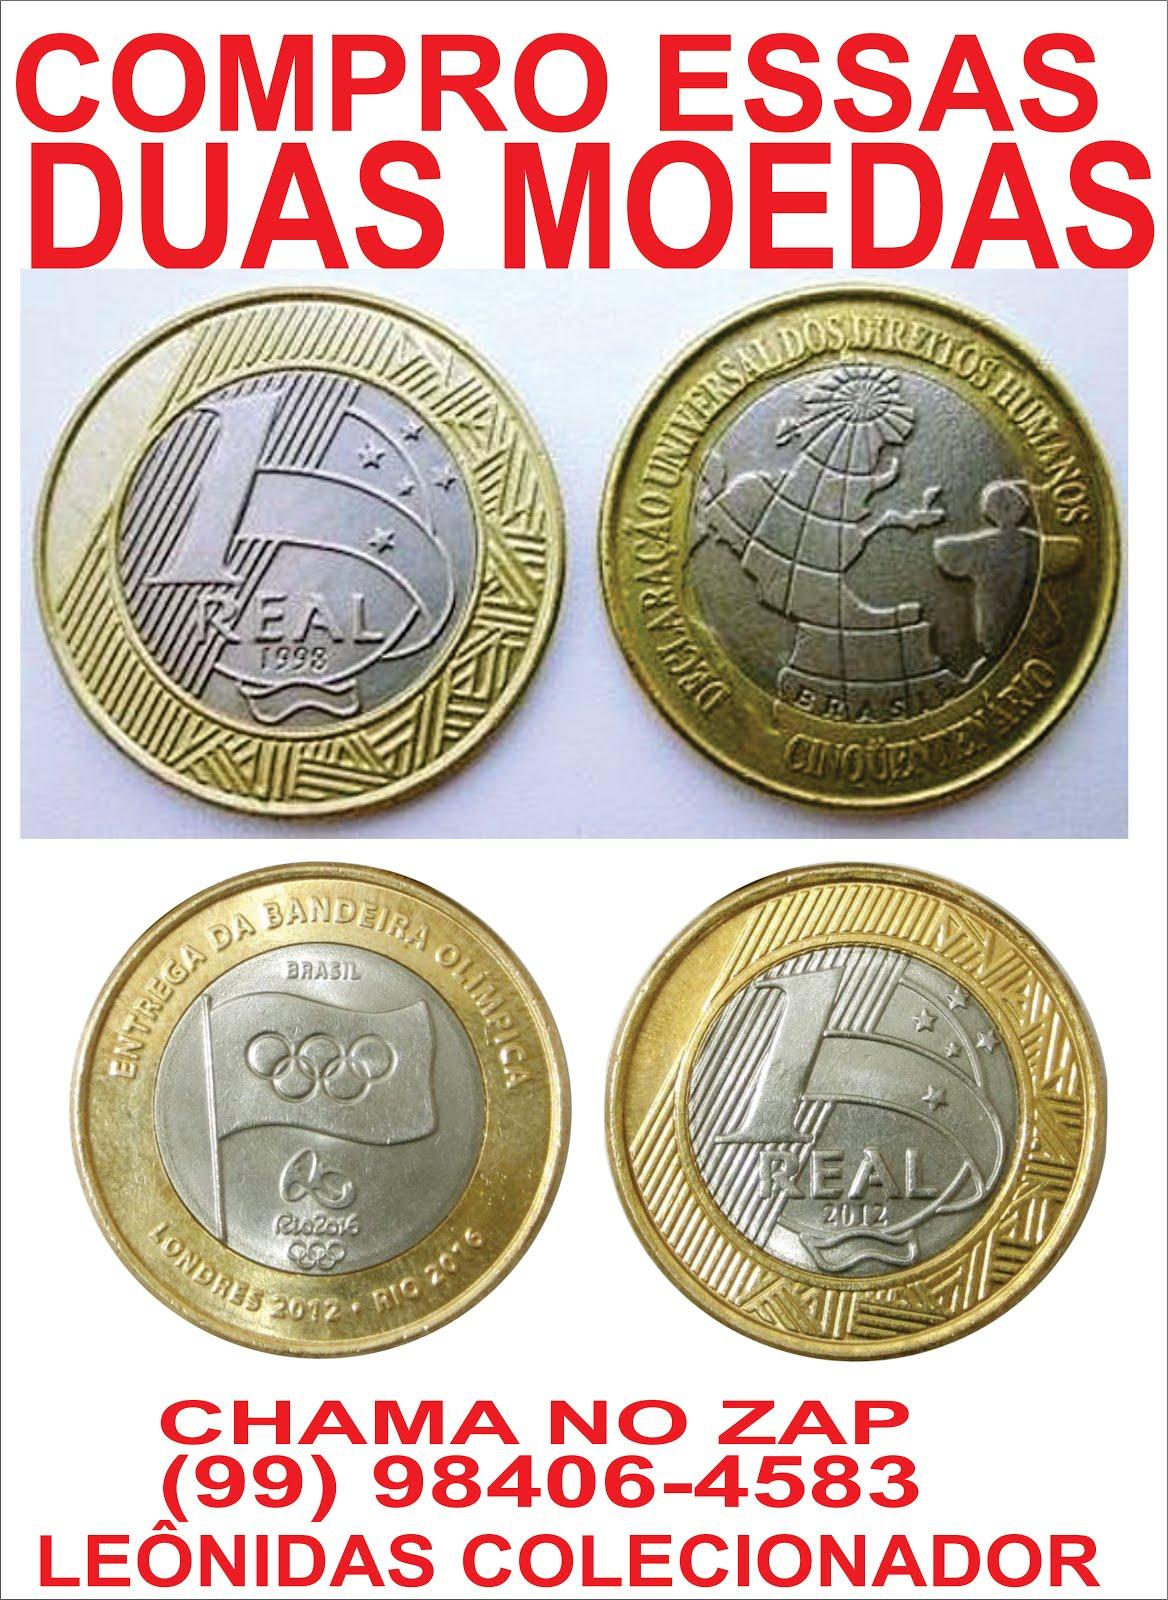 LEÔNIDAS COLECIONADOR DE MOEDAS